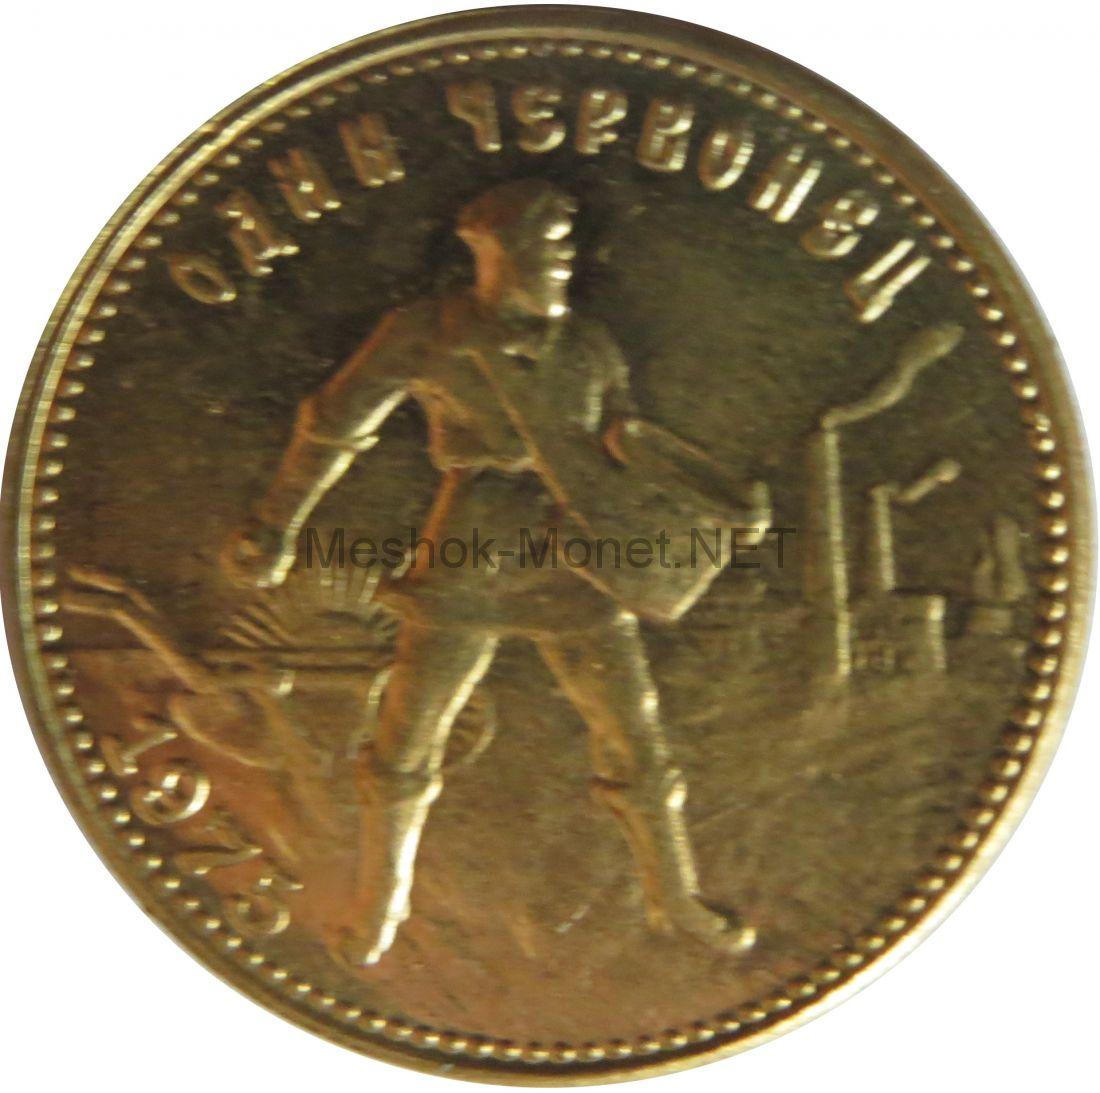 Копия монеты червонец 1975 года Сеятель